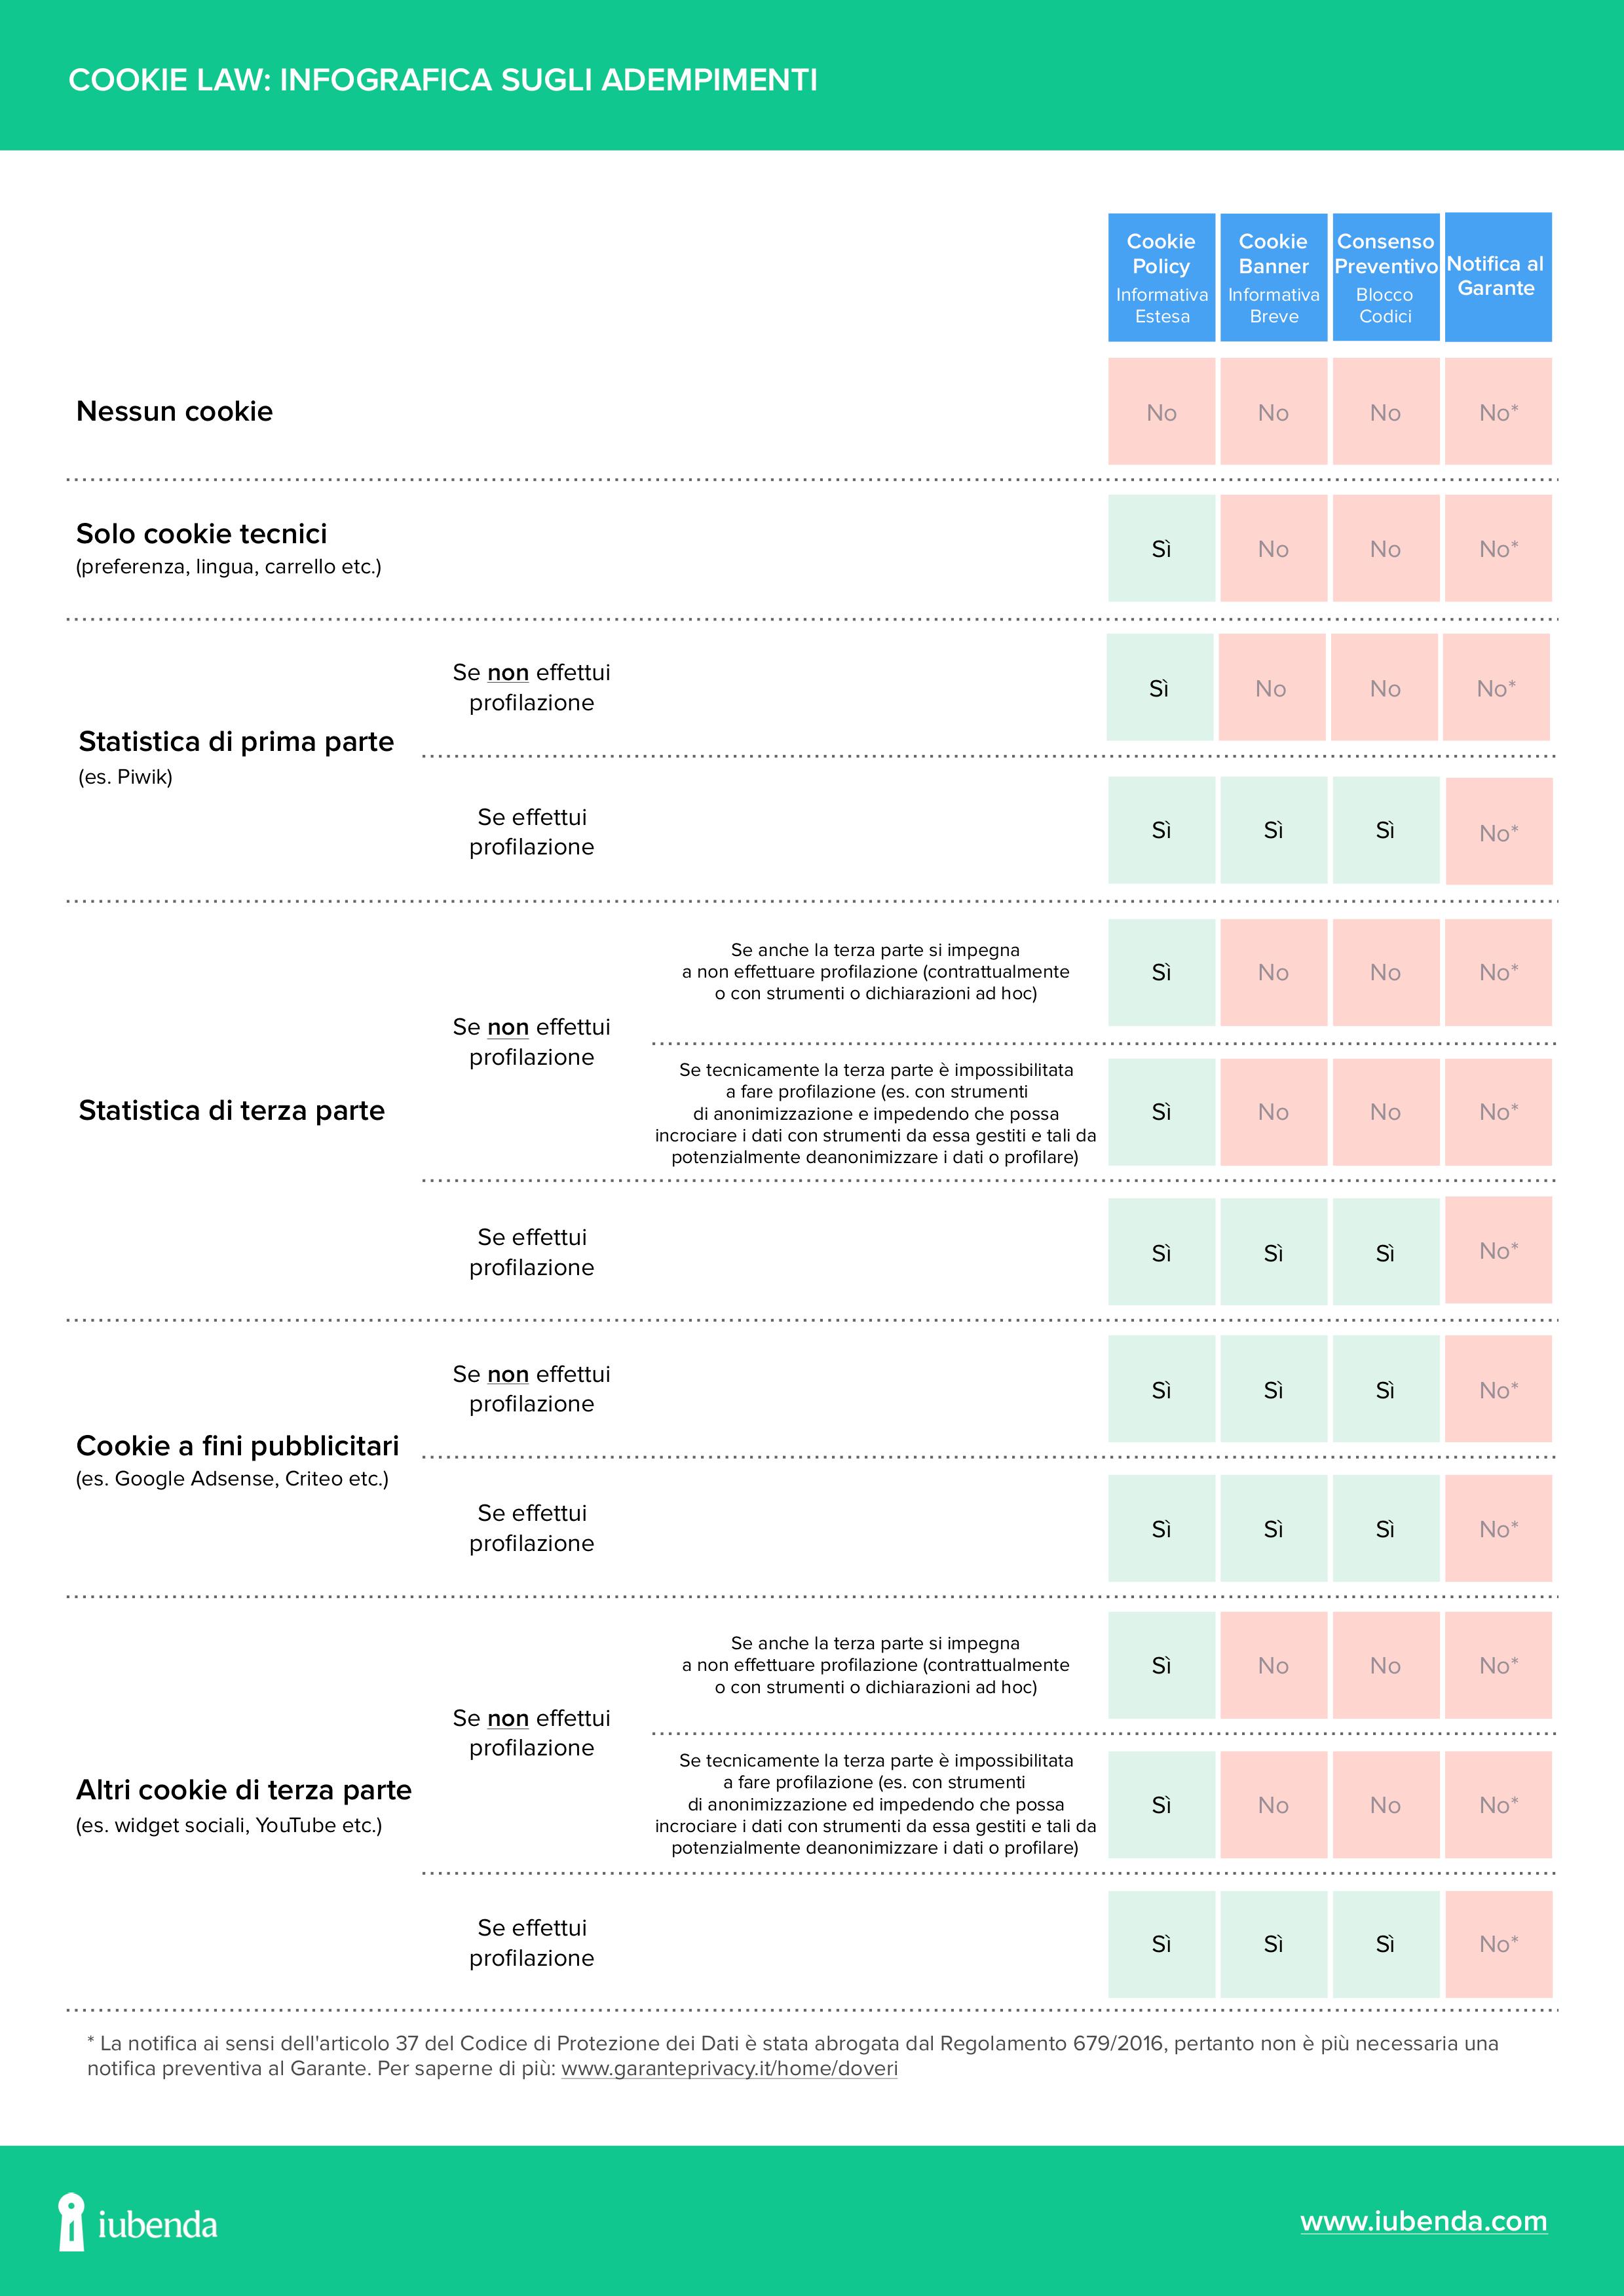 Infografica sugli adempimenti richiesti dalla Cookie Law